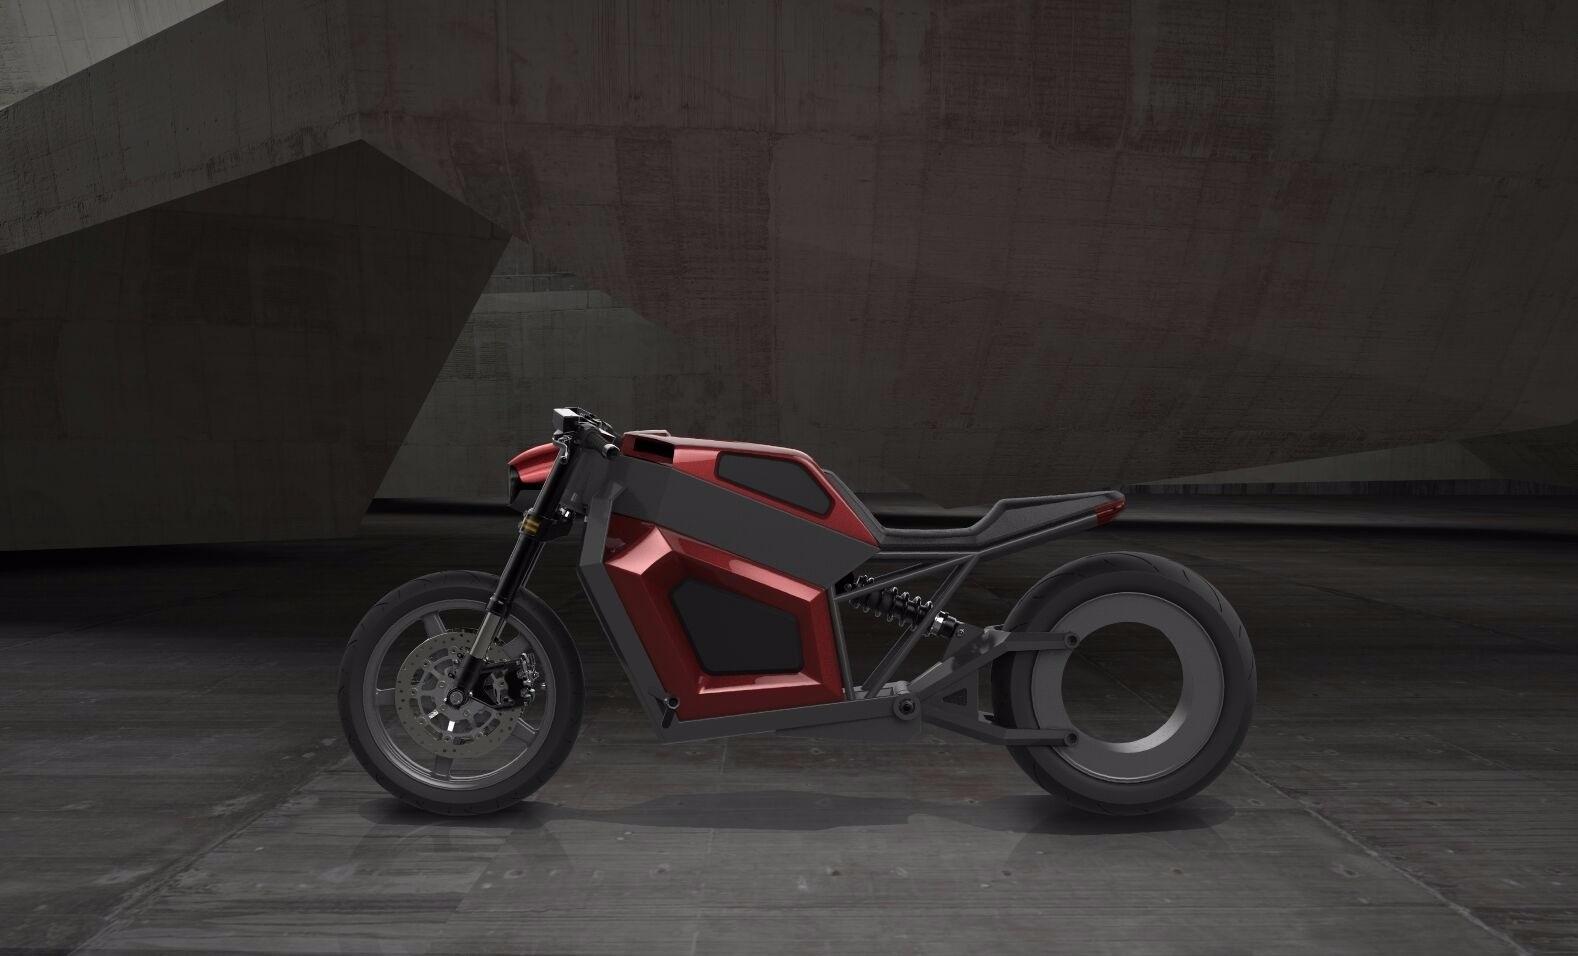 В Финляндии выпустили «дальнобойный» электробайк с мотором в колесе. Массовое производство обещают наладить в следующем году (Иллюстрация 2 из 2) (Фото: rmkvehicles.com)